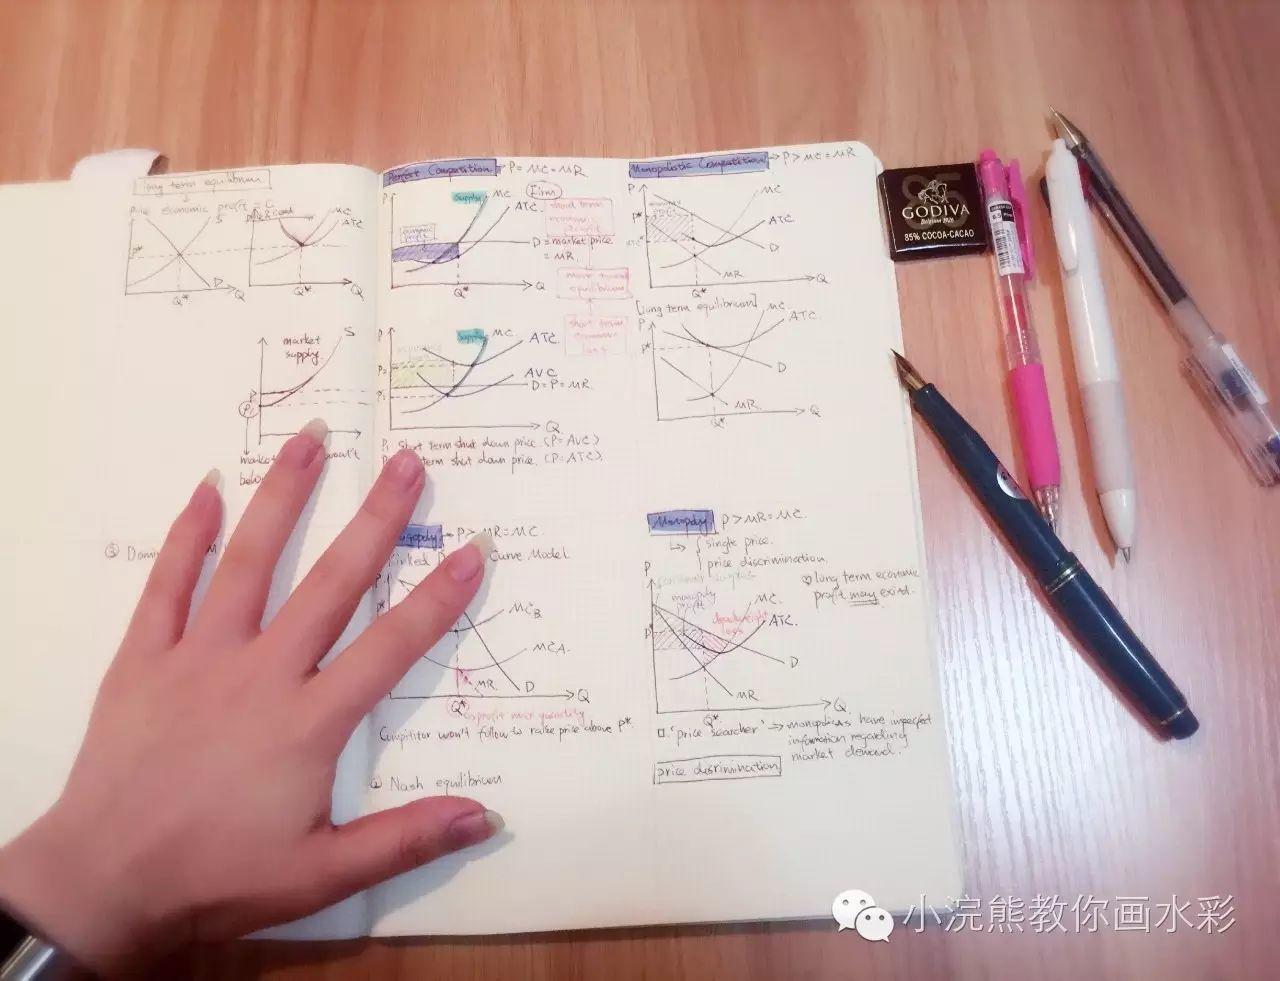 我花了一个月的时间画出了一本手绘CFA笔记你想看吗